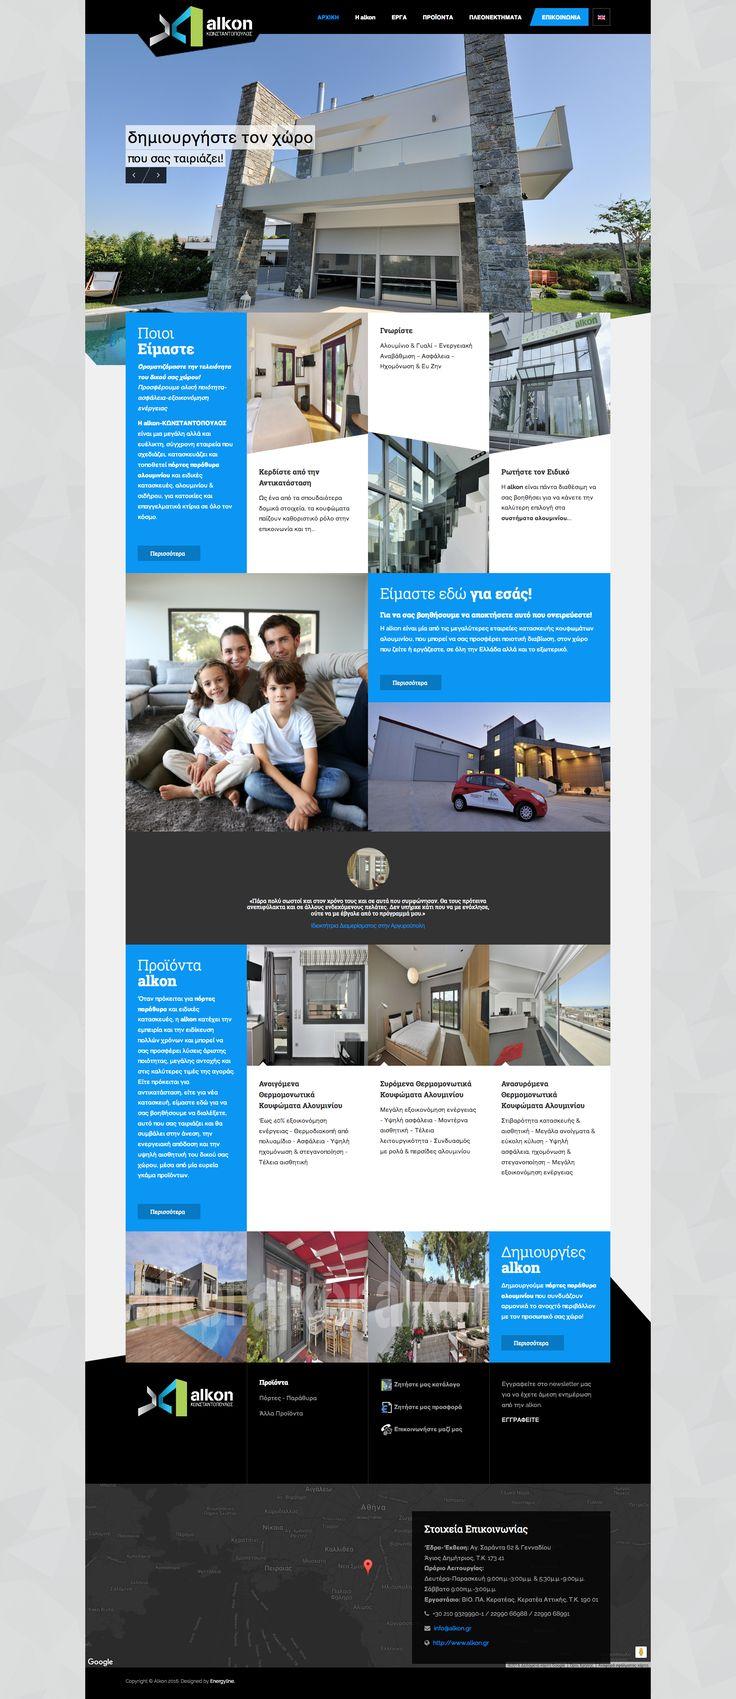 ALKON KONSTANTOPOULOS - Creation of dynamic website